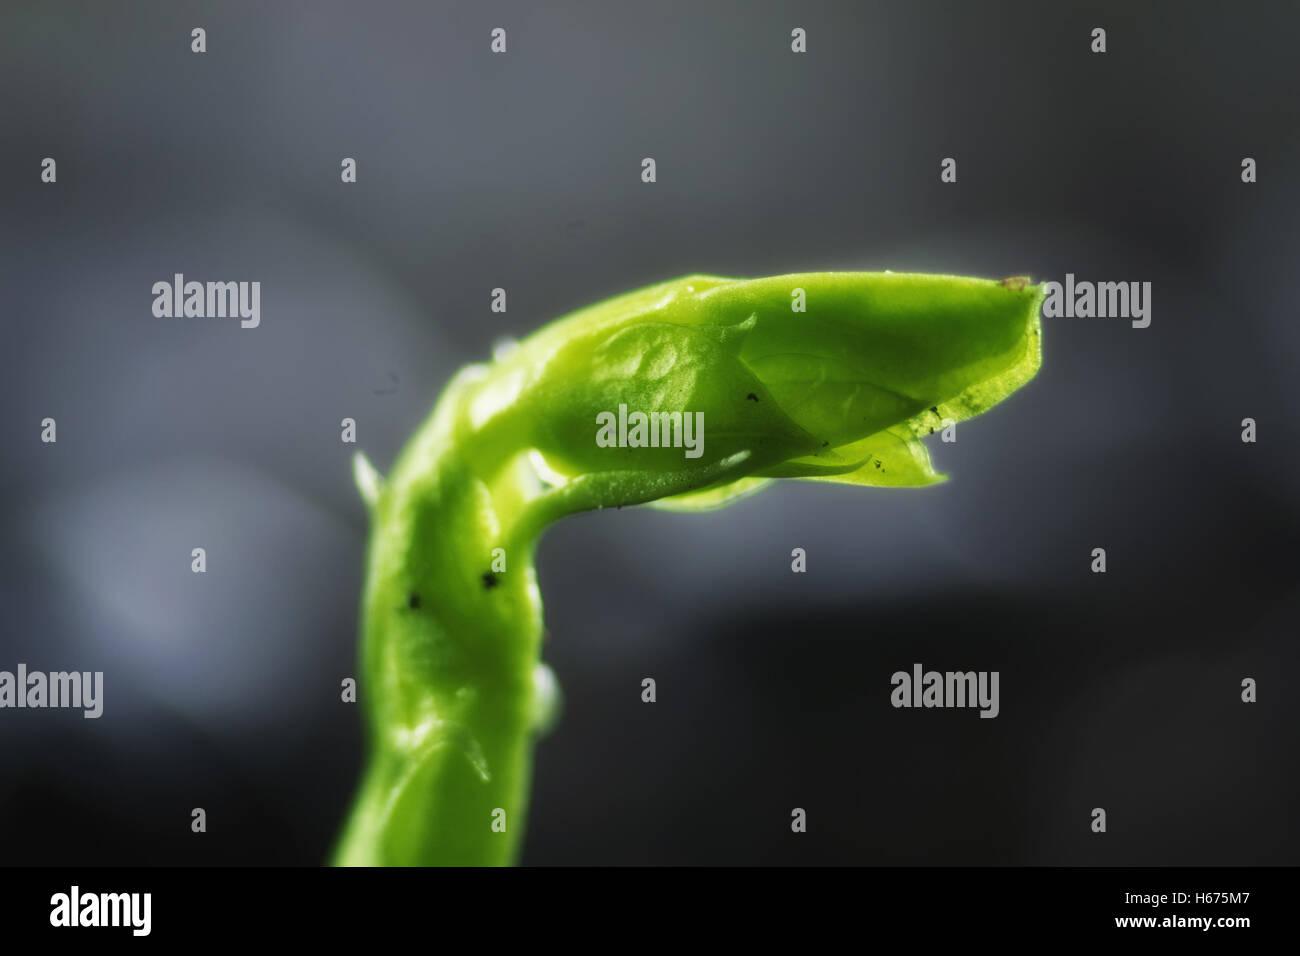 Nuove Sementi di erba verde Immagini Stock